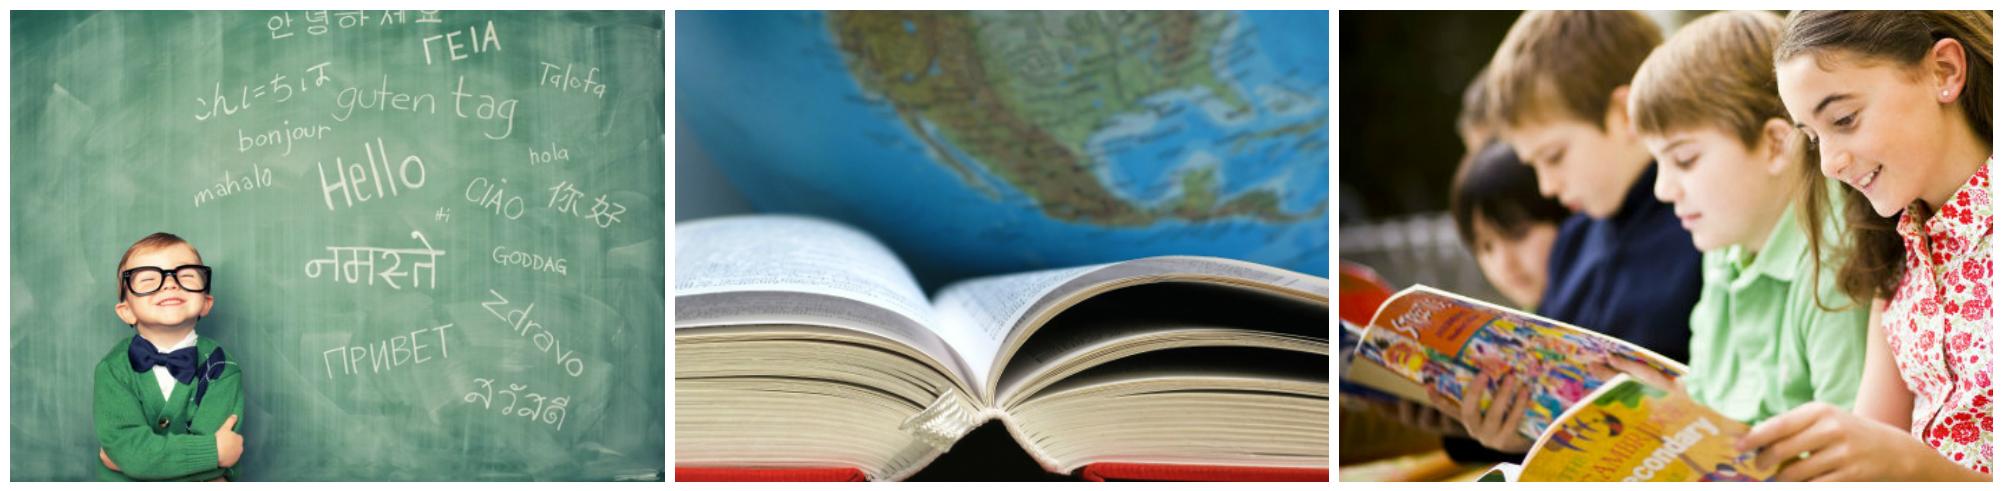 коллаж курсы иностранных языков для детей за границей